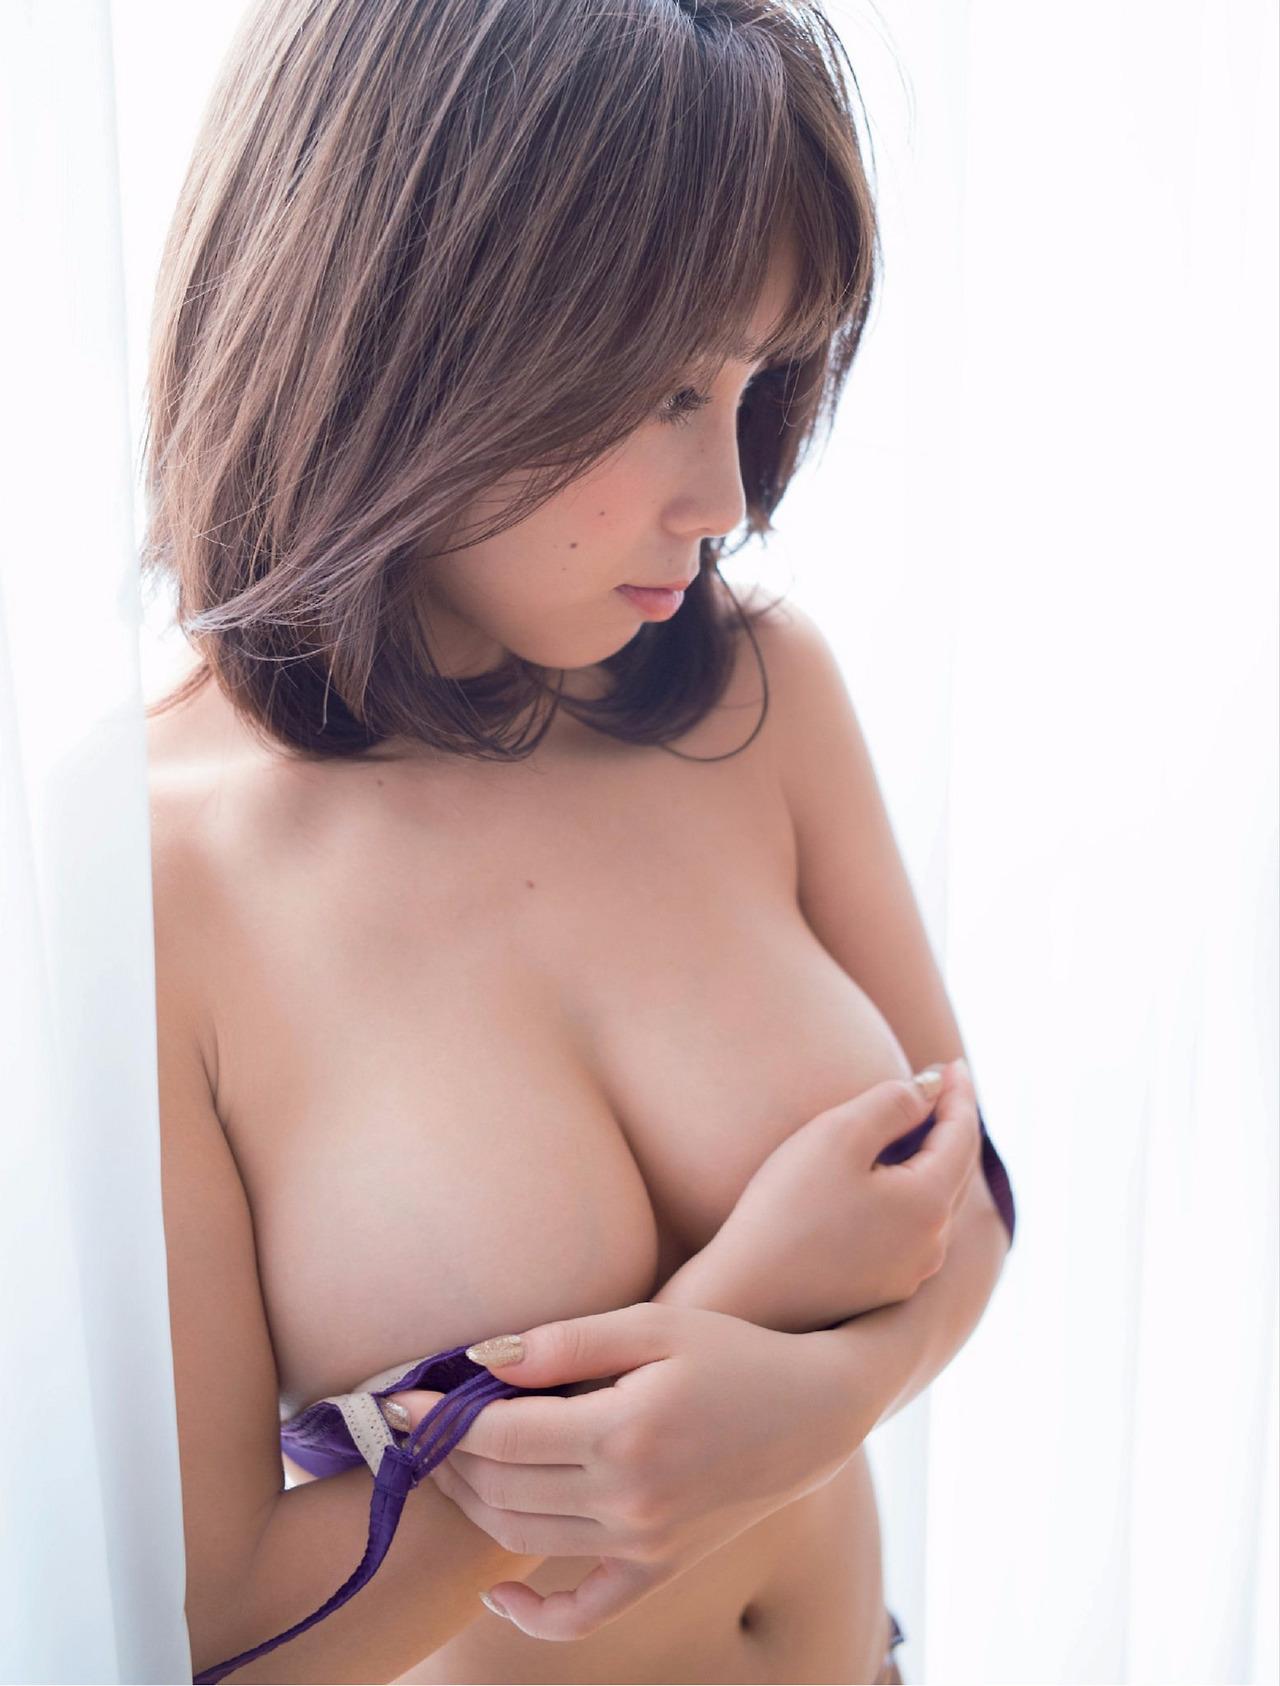 inudou_minori104.jpg